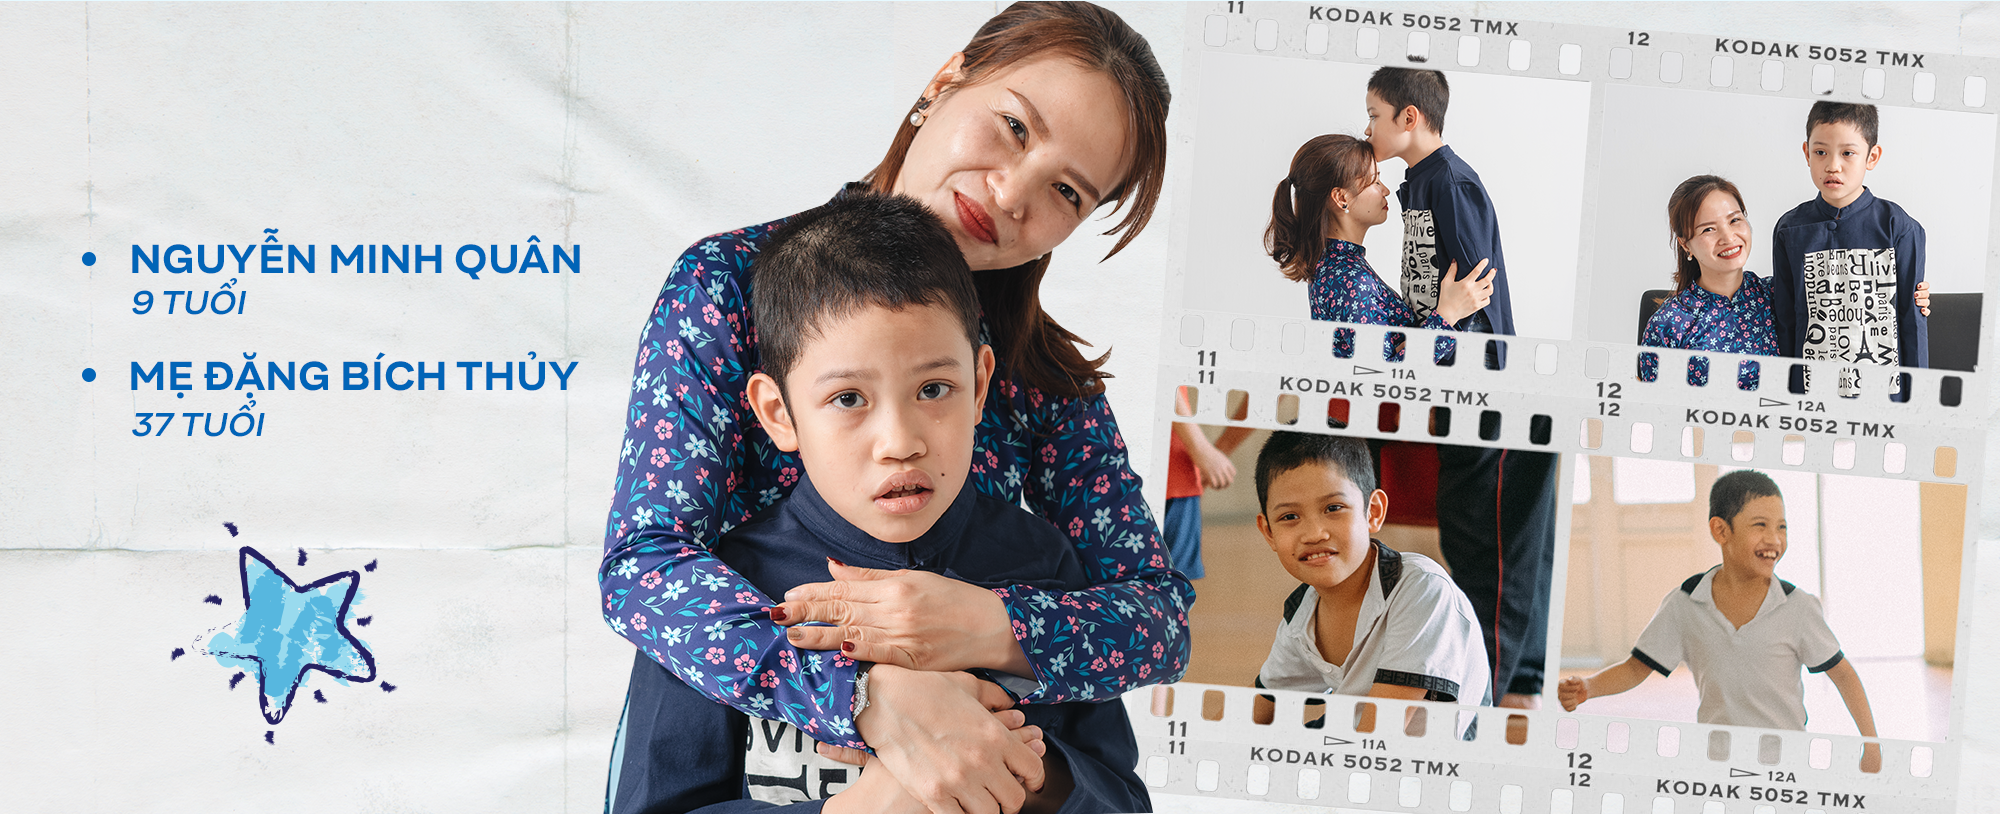 Hành trình của mẹ có con tự kỷ: Trong mắt mẹ, con luôn là một đứa trẻ đáng yêu, trong mắt con, mẹ luôn là người tuyệt vời nhất - Ảnh 9.